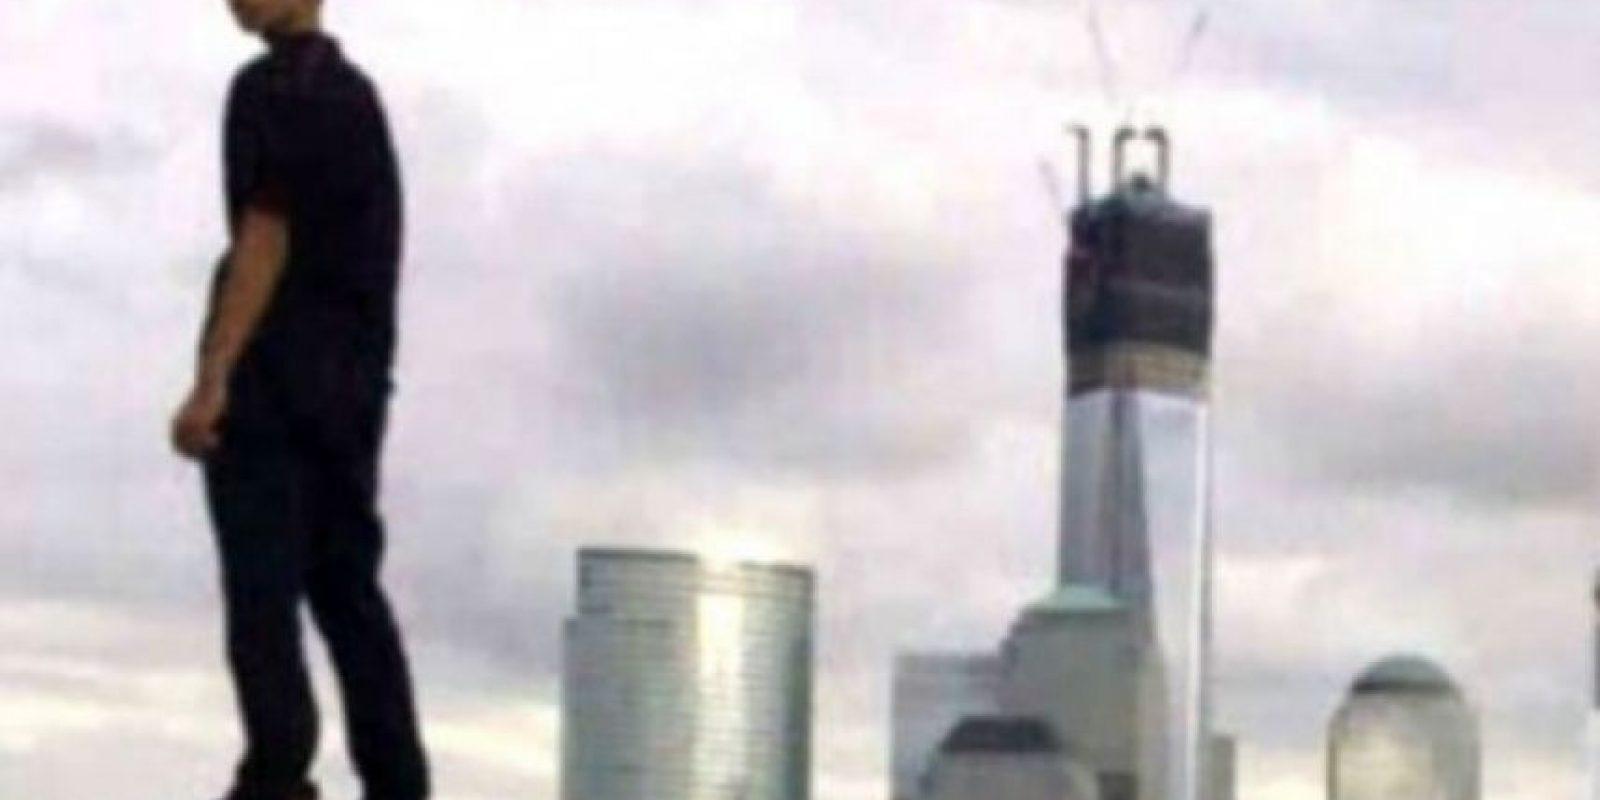 Un joven burló la seguridad para subir a la cima de un edificio en medio de la noche y tomarse varias fotos con la imagen del World Trade Center en el fondo. Las capturas ayudaron a la policía a arrestarlo por un delito menor.